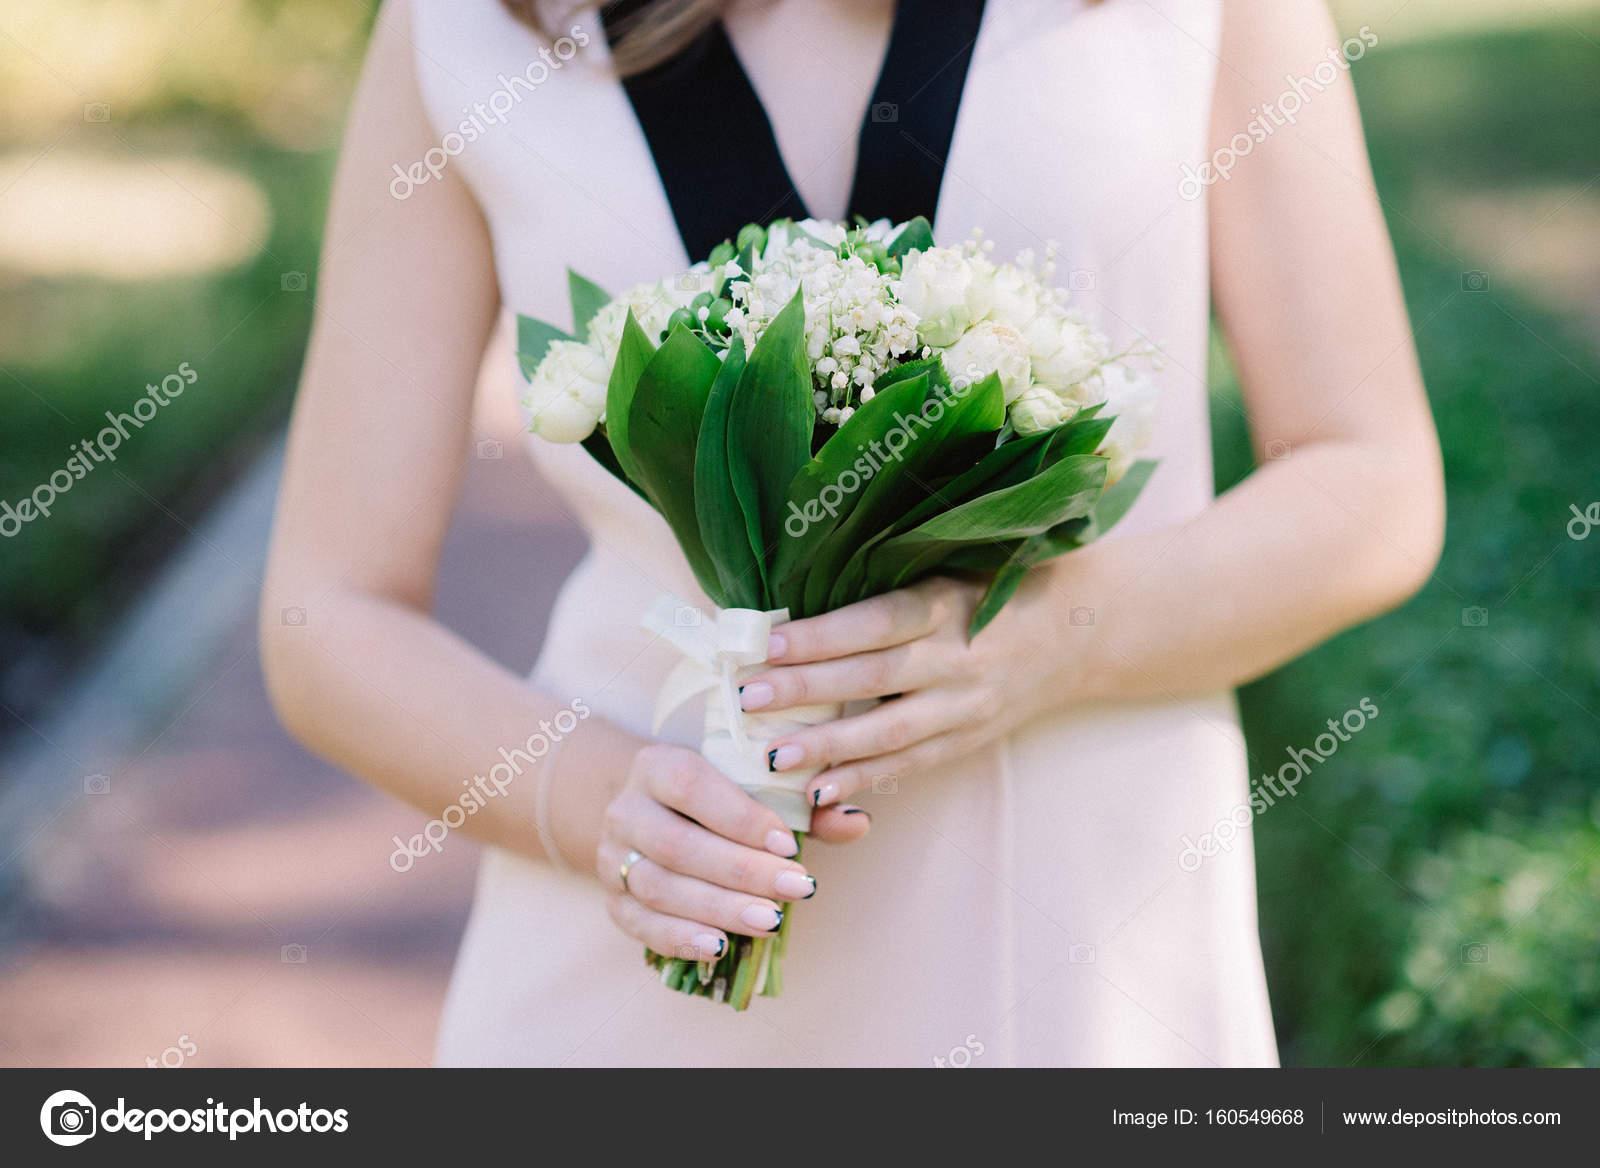 Schone Maiglockchen Brautstrauss In Handen Der Braut Stockfoto